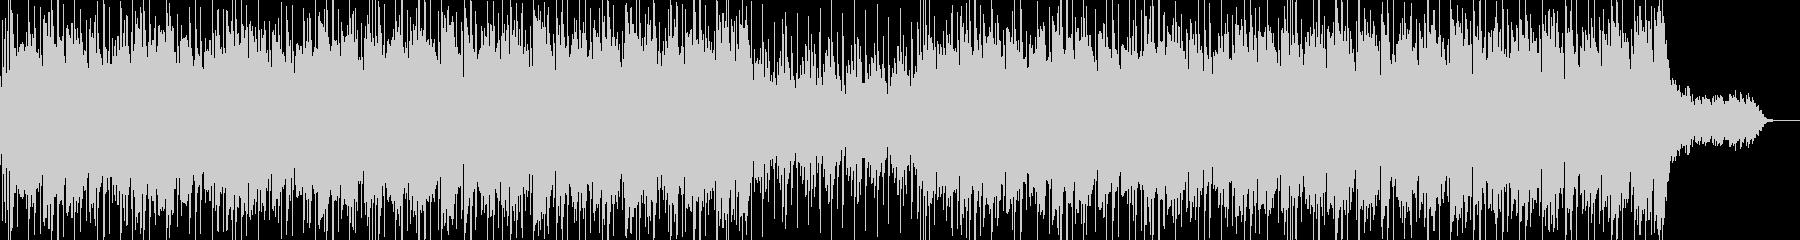 王道の明るく楽しいピアノポップ_01の未再生の波形